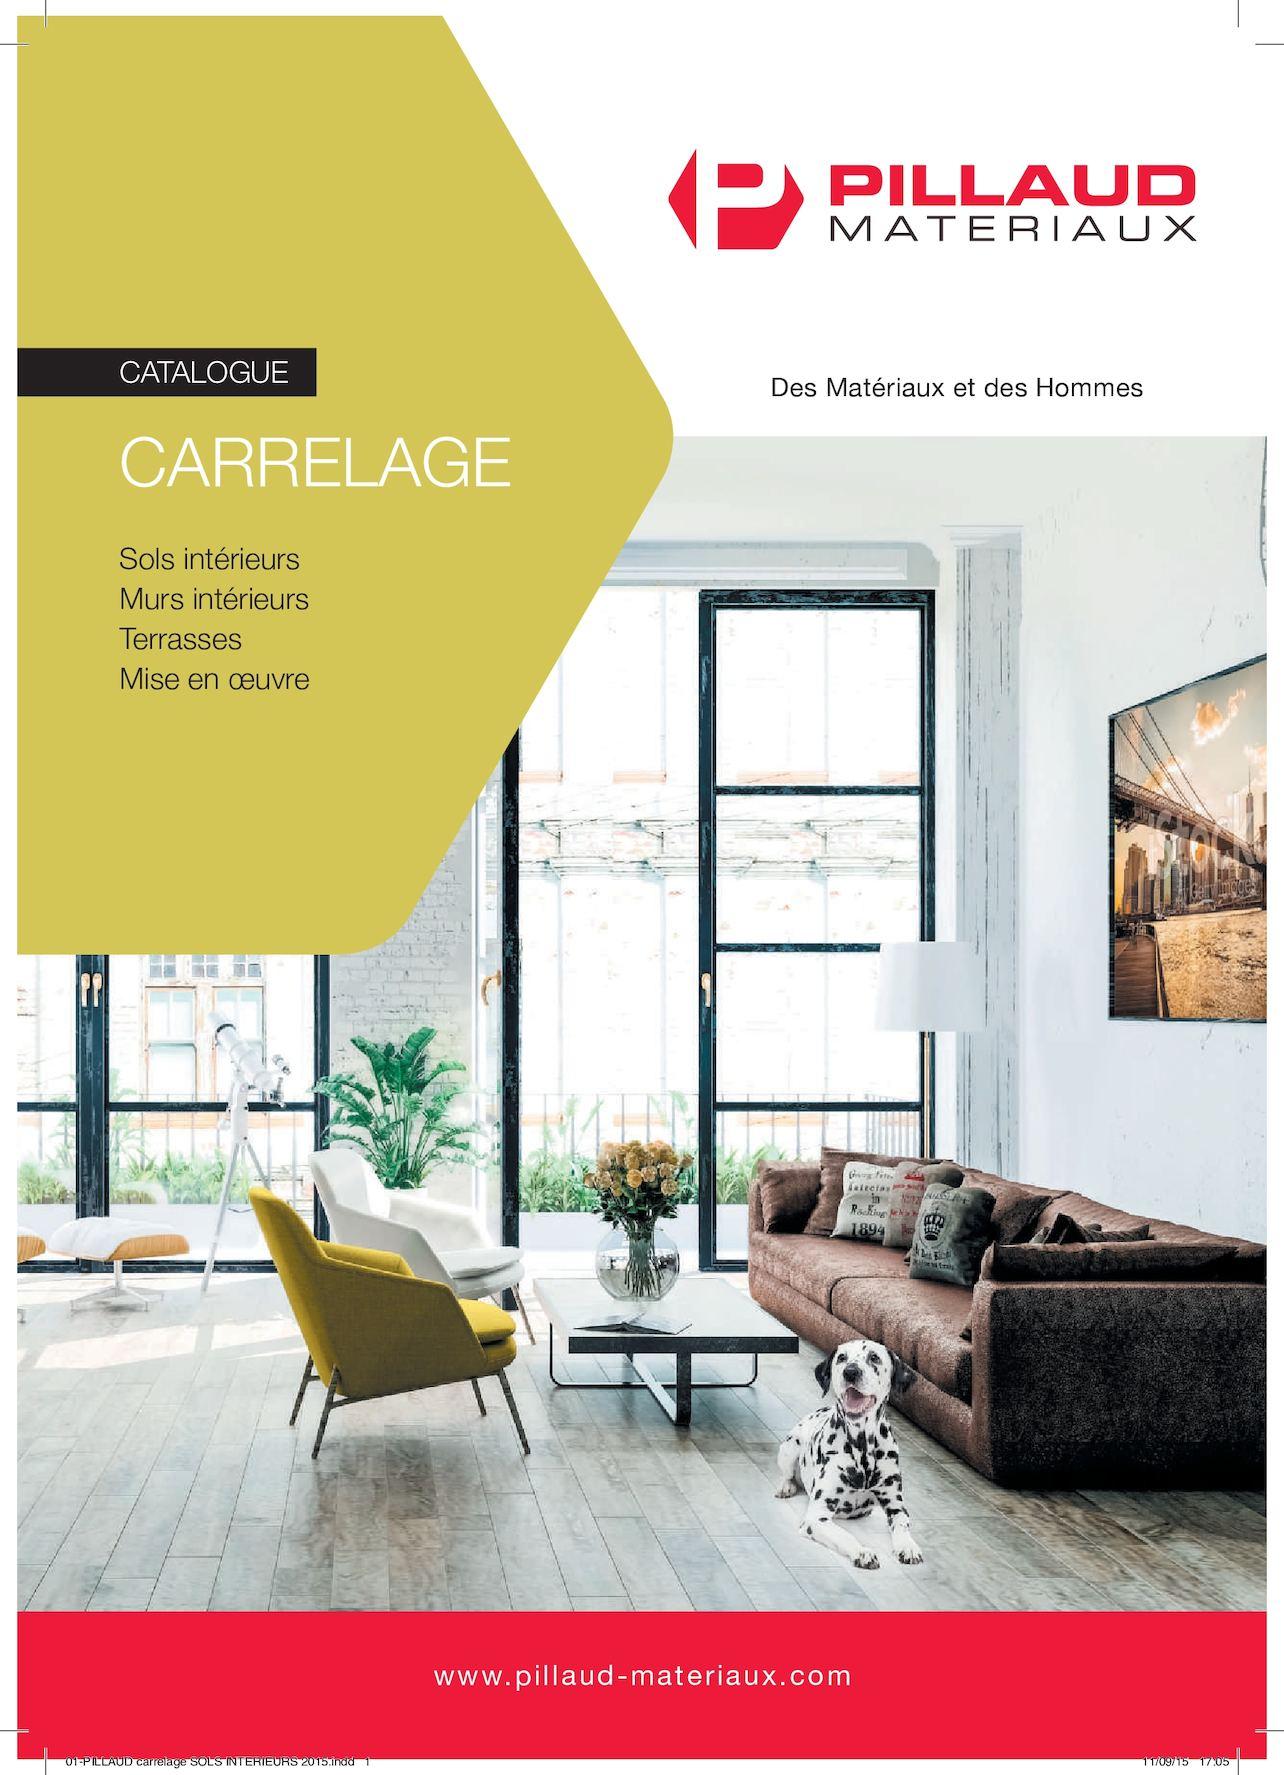 Coller Corniere Alu Sur Carrelage Exterieur calaméo - catalogue carrelage pillaud